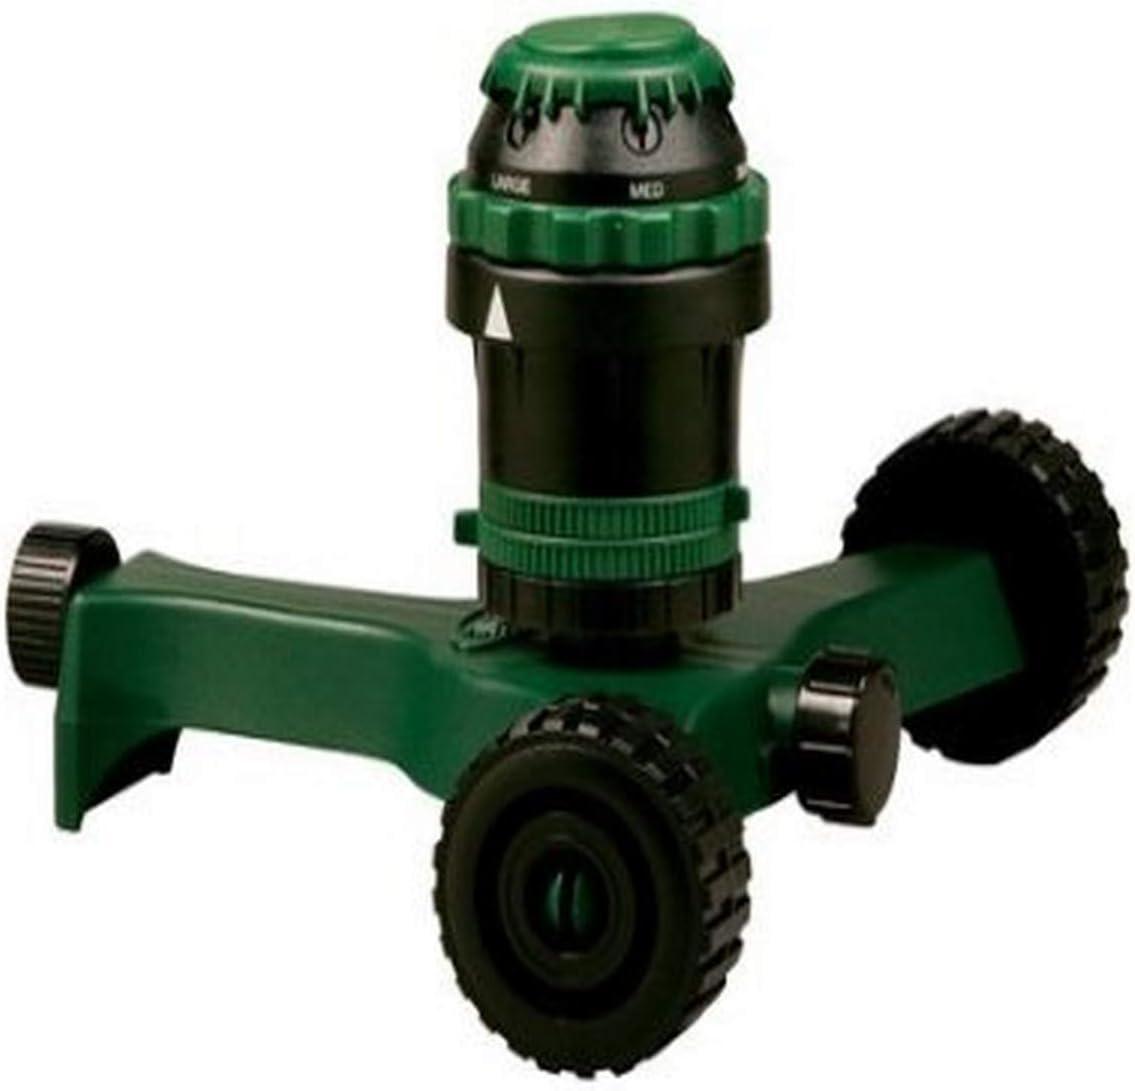 Orbit H2O-6 Gear Drivev Sprinkler with Wheels 58572 Pack of 3 58572N